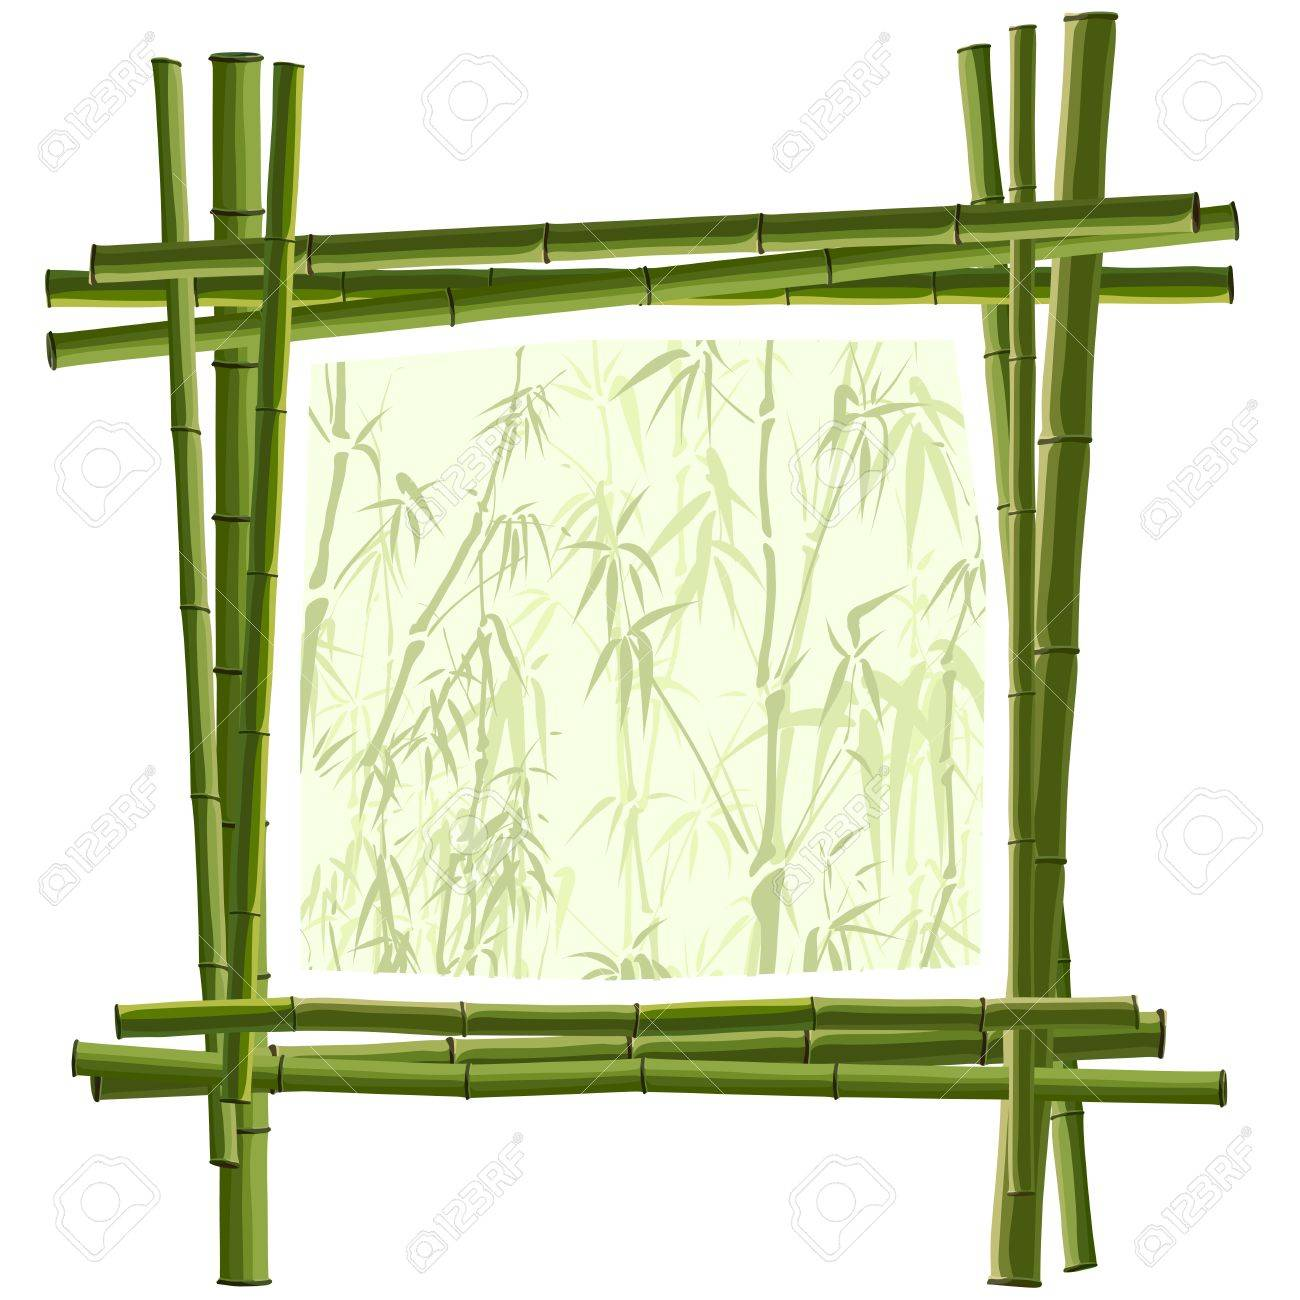 Vector Quadratischen Rahmen Für Die Fotografie Von Grün Bambus ...